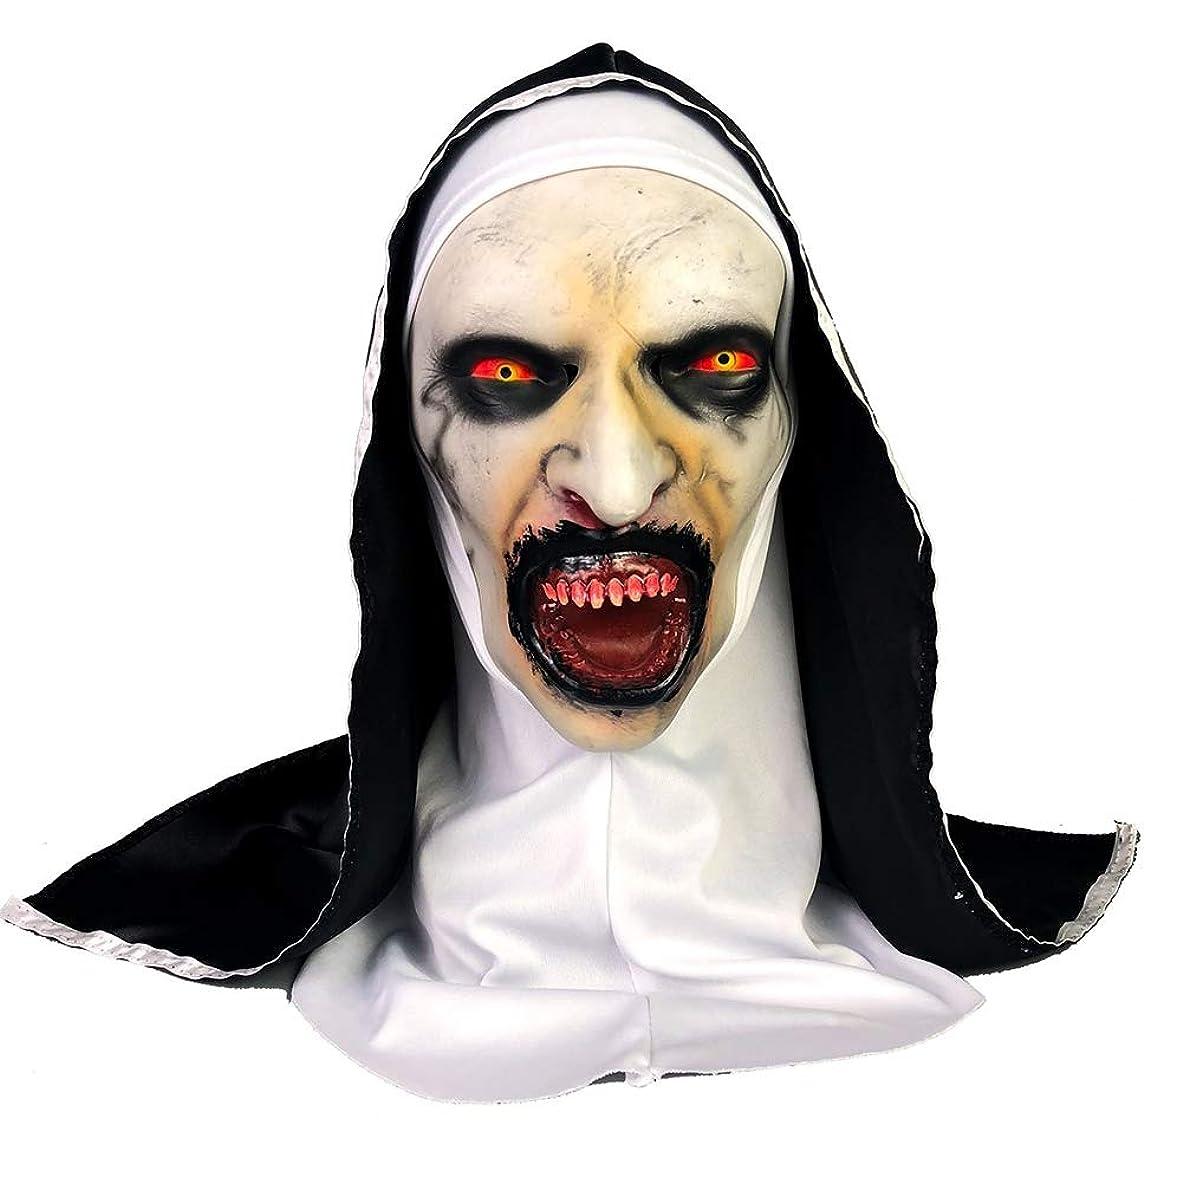 マラドロイト東方たくさんのKISSION ハロウィンマスク ホラーマスク ユニークなホラー修道女マスク ハロウィンコスプレドレスアップアイテム お化け屋敷パーティー用品